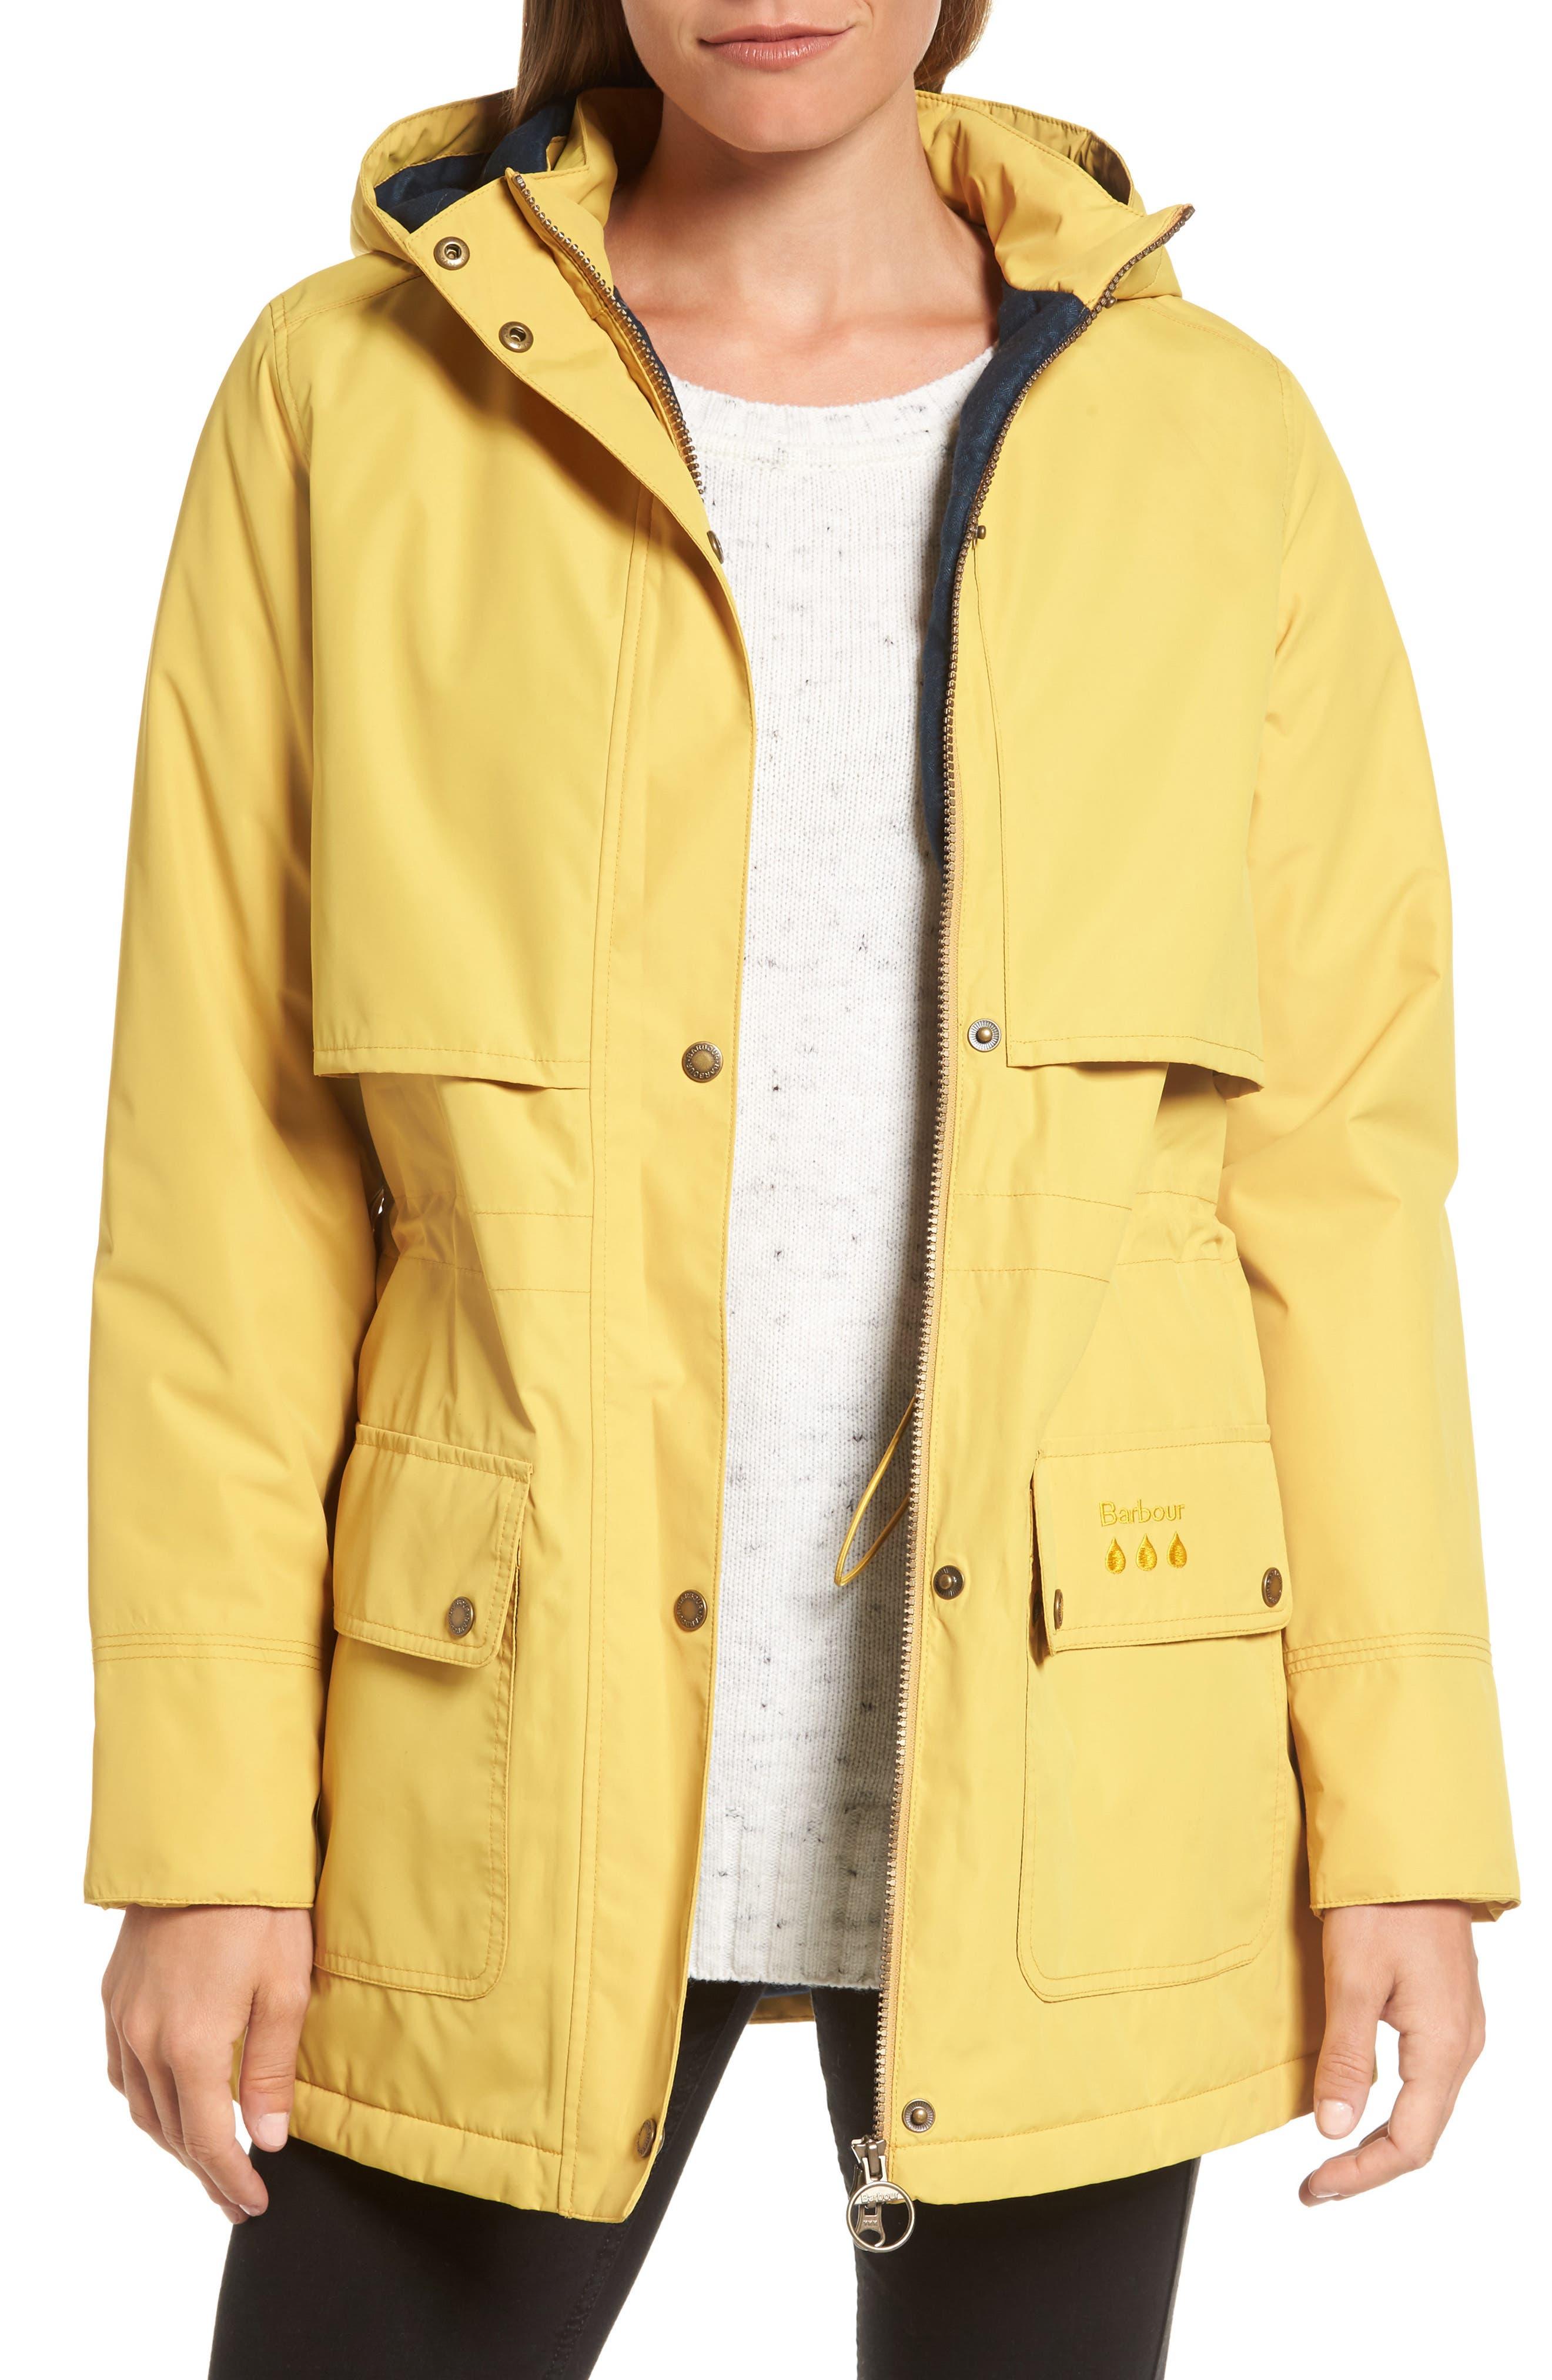 Barbour Stratus Hooded Waterproof Jacket